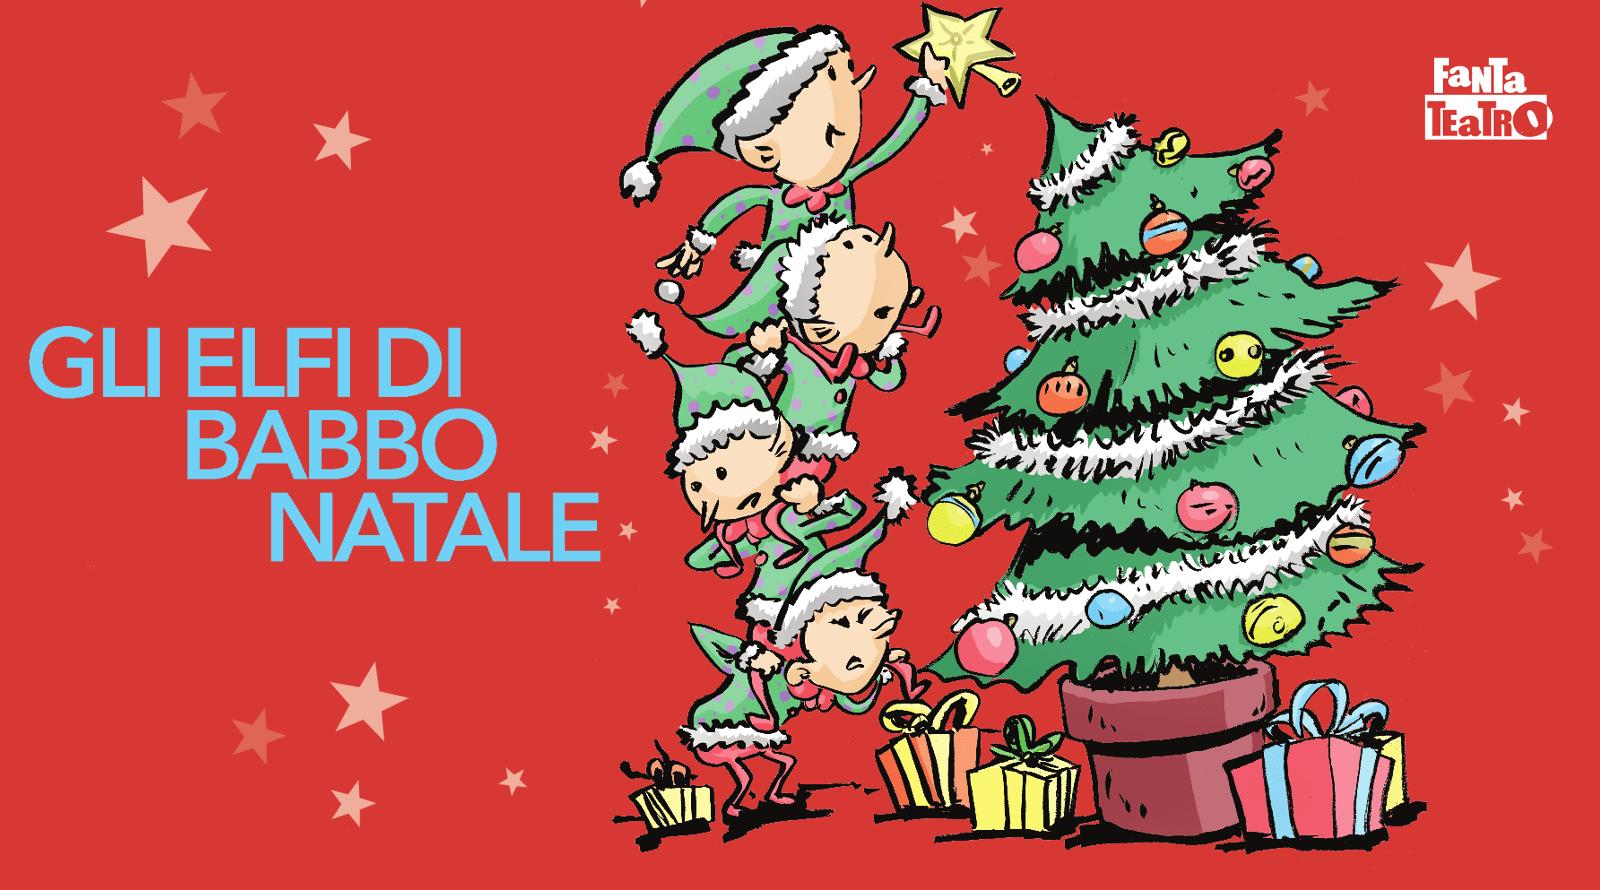 Babbo 4 Natale.4 1 Gli Elfi Di Babbo Natale Nichelino To Fantateatro